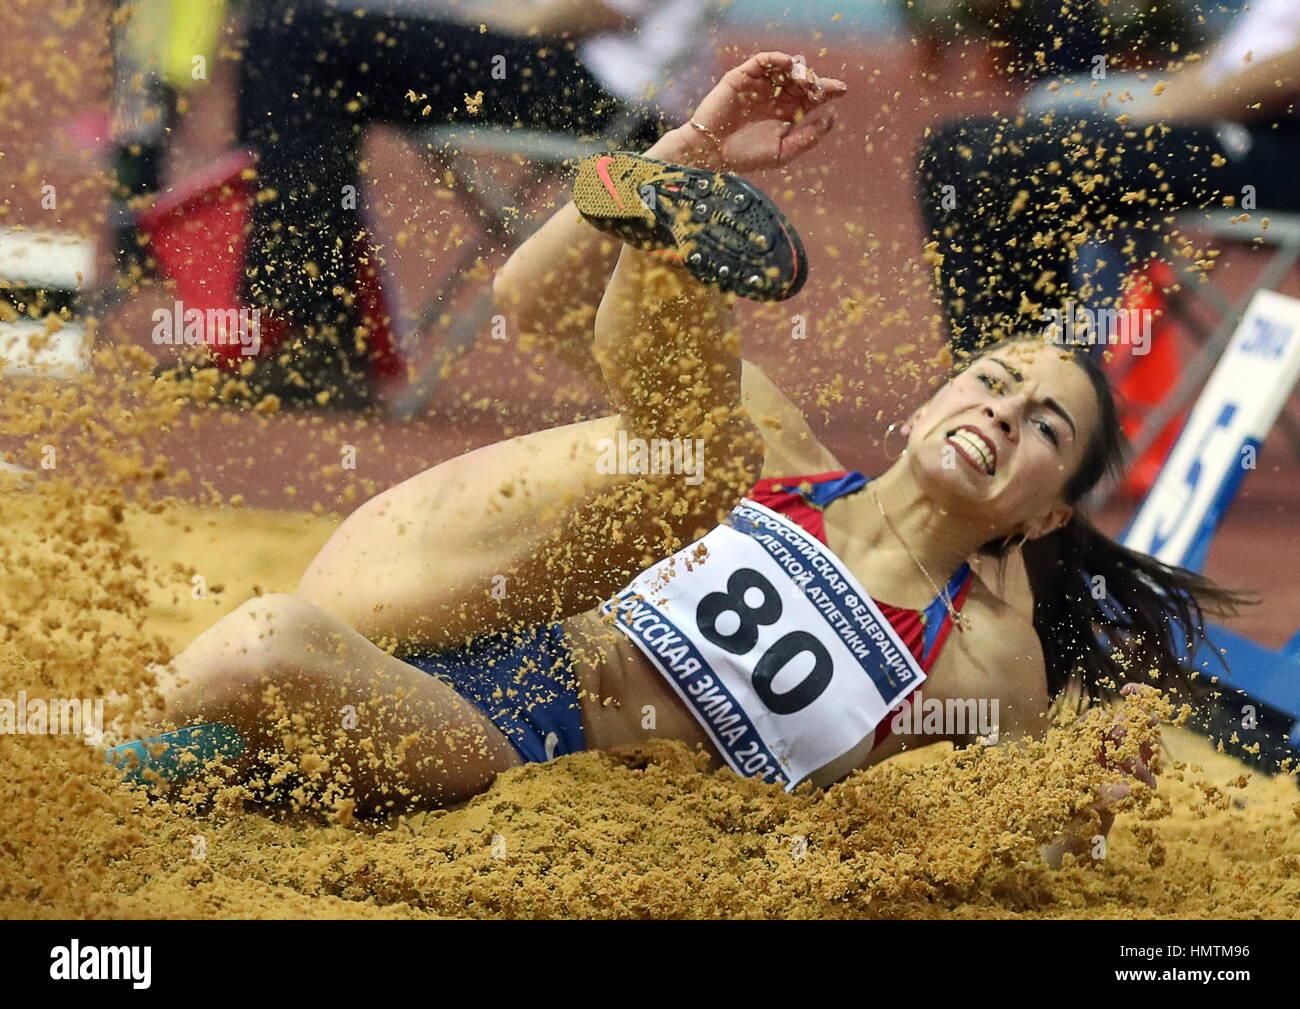 Moscú, Rusia. 5 Feb, 2017. Marina de Rusia Buchelnikova compite en el salto de longitud, en el caso de la Federación Internacional de Atletismo 26ª reunión de invierno en interiores en el CSKA Athletics Arena. Crédito: Stanislav Krasilninkov/TASS/Alamy Live News Foto de stock